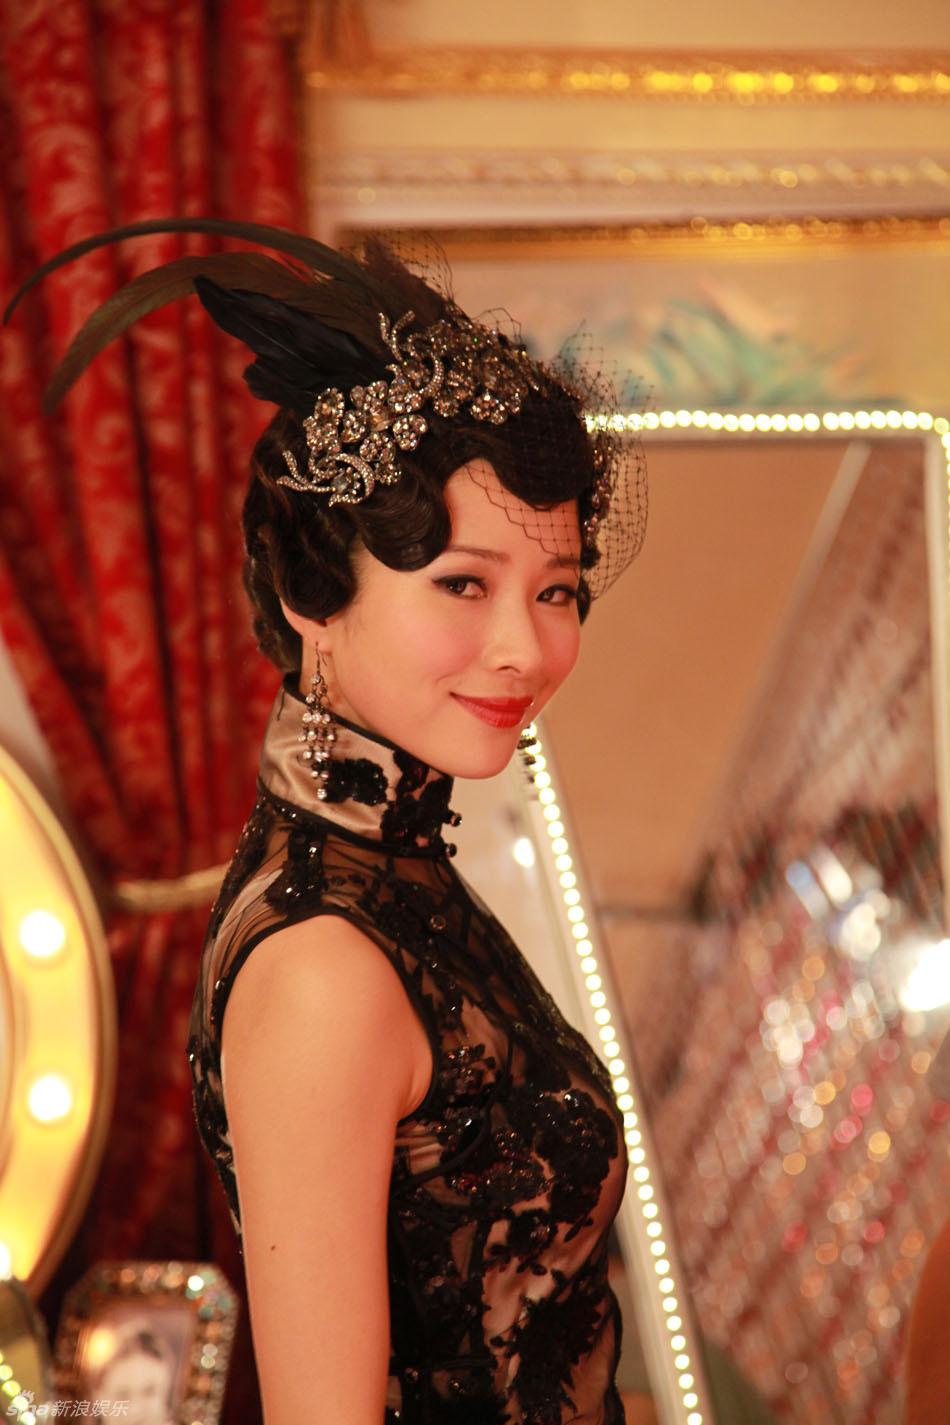 http://www.sinaimg.cn/dy/slidenews/4_img/2013_26/704_1014679_501051.jpg